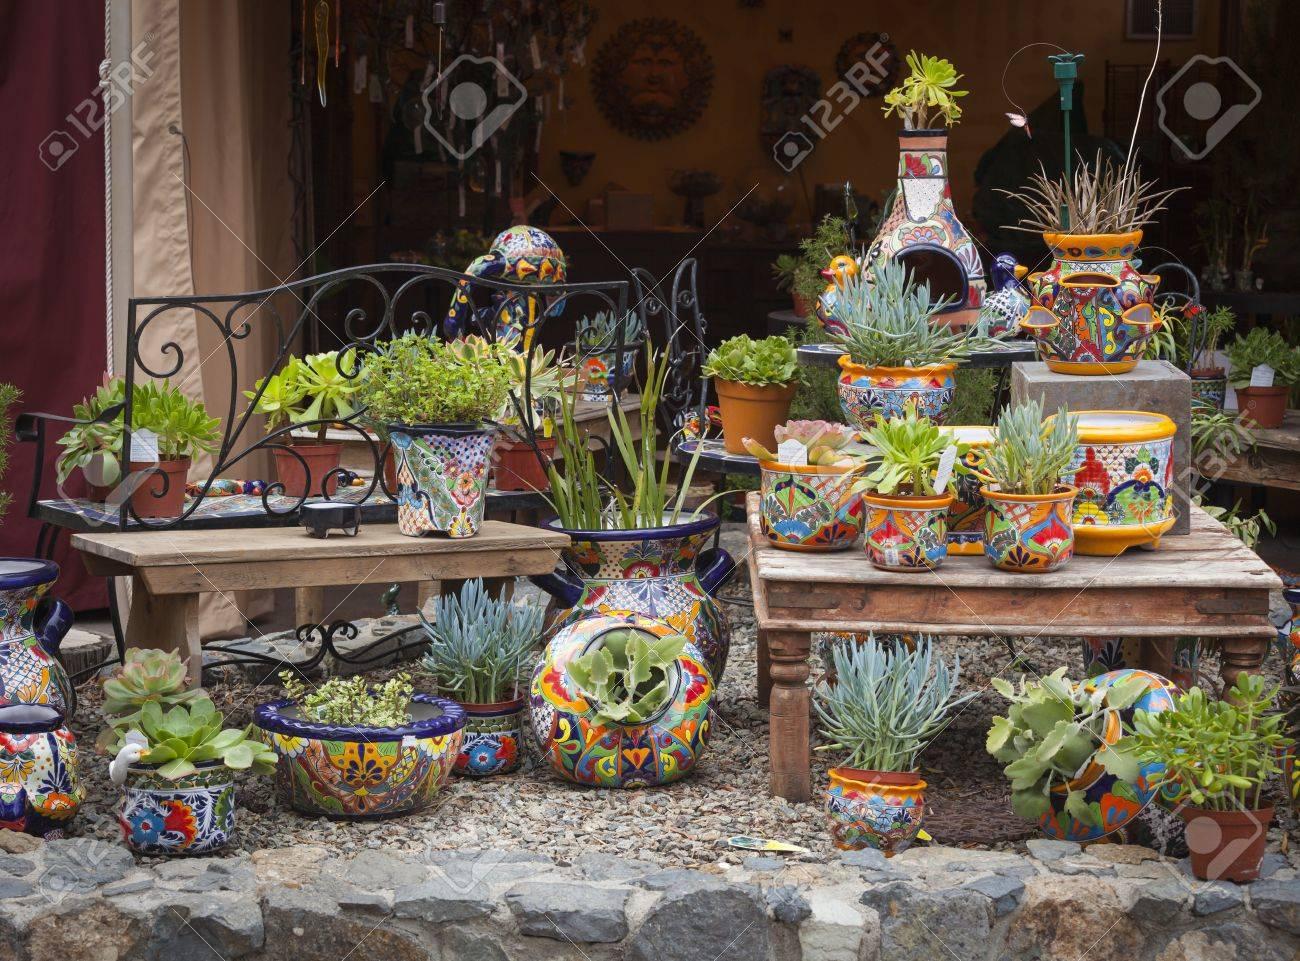 city free flowers garden photo food images decor pots plant peoples decorative public en green flower market space nature